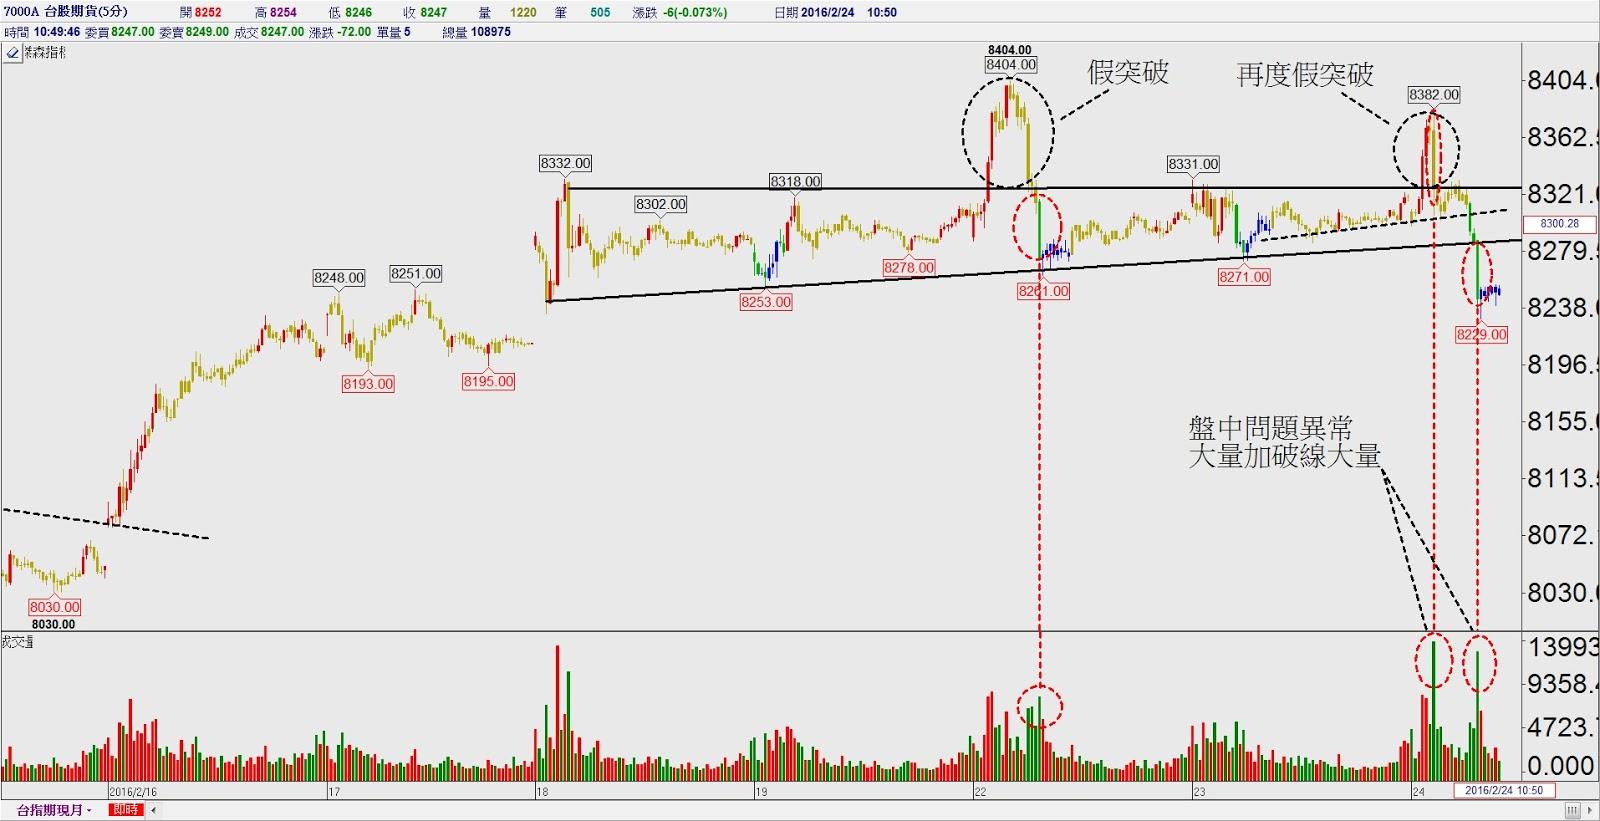 蔡森 ---- 隨勢而為 ---- 技術分析: 緊張刺激的一周*S&P500周線&臺指期五分鐘線*